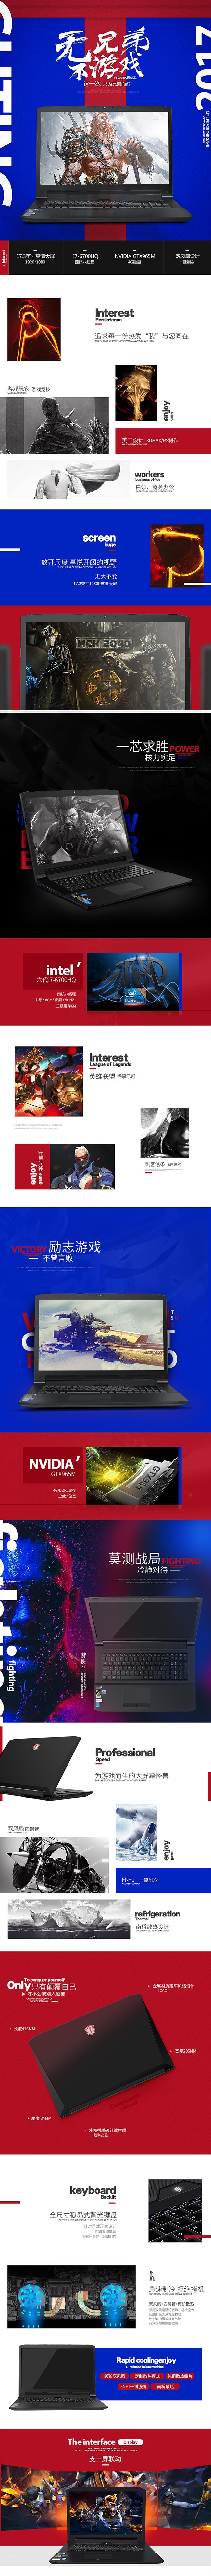 查看《游戏笔记本电脑详情页设计~》原图,原图尺寸:650x7933